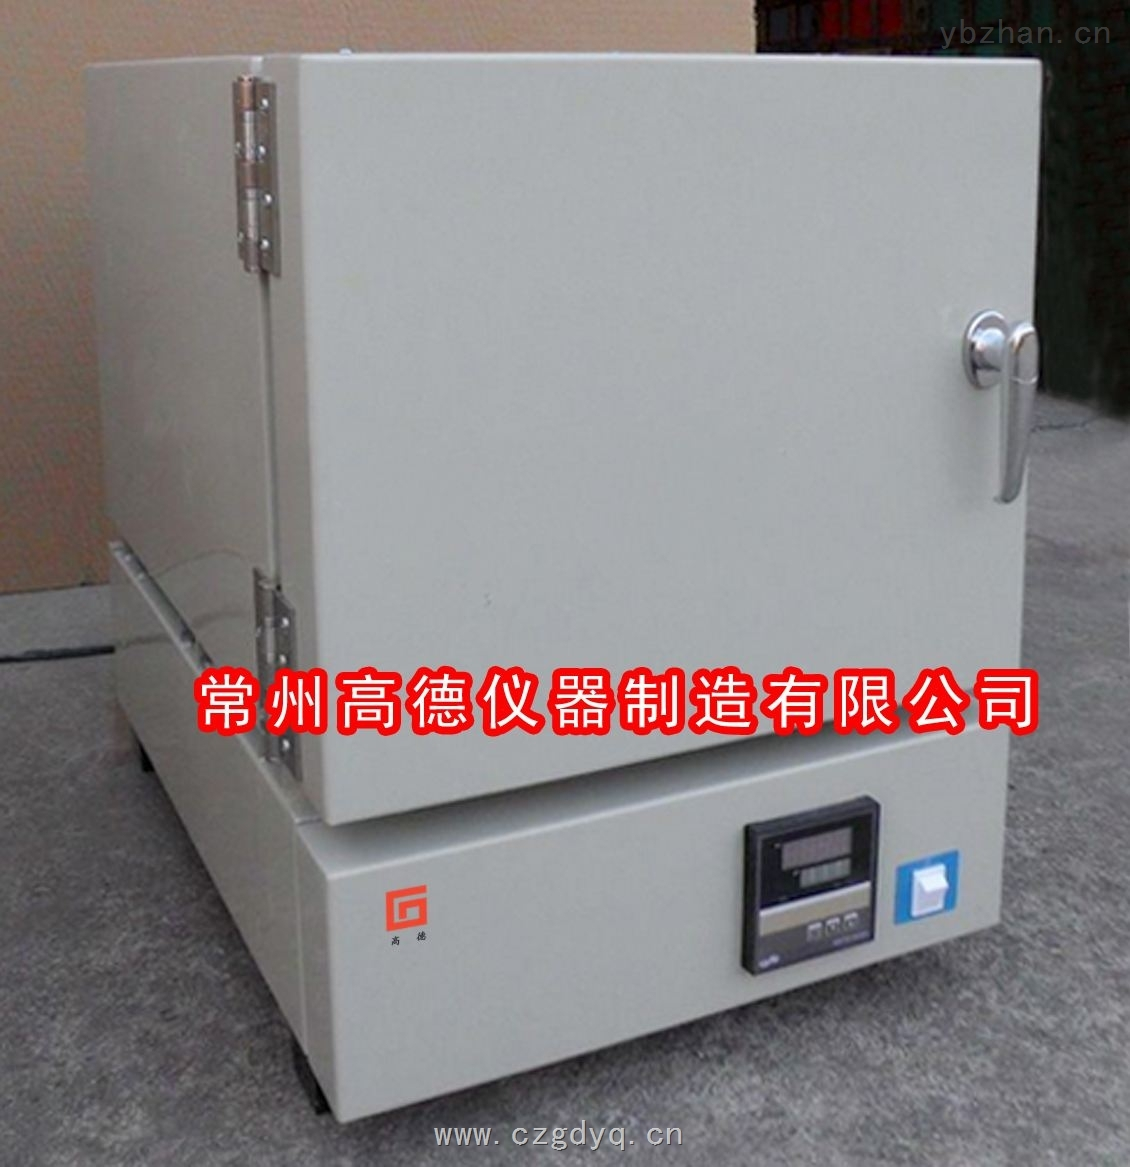 GD-2.5-12-一体式箱式电阻炉 智能恒温箱式马弗炉